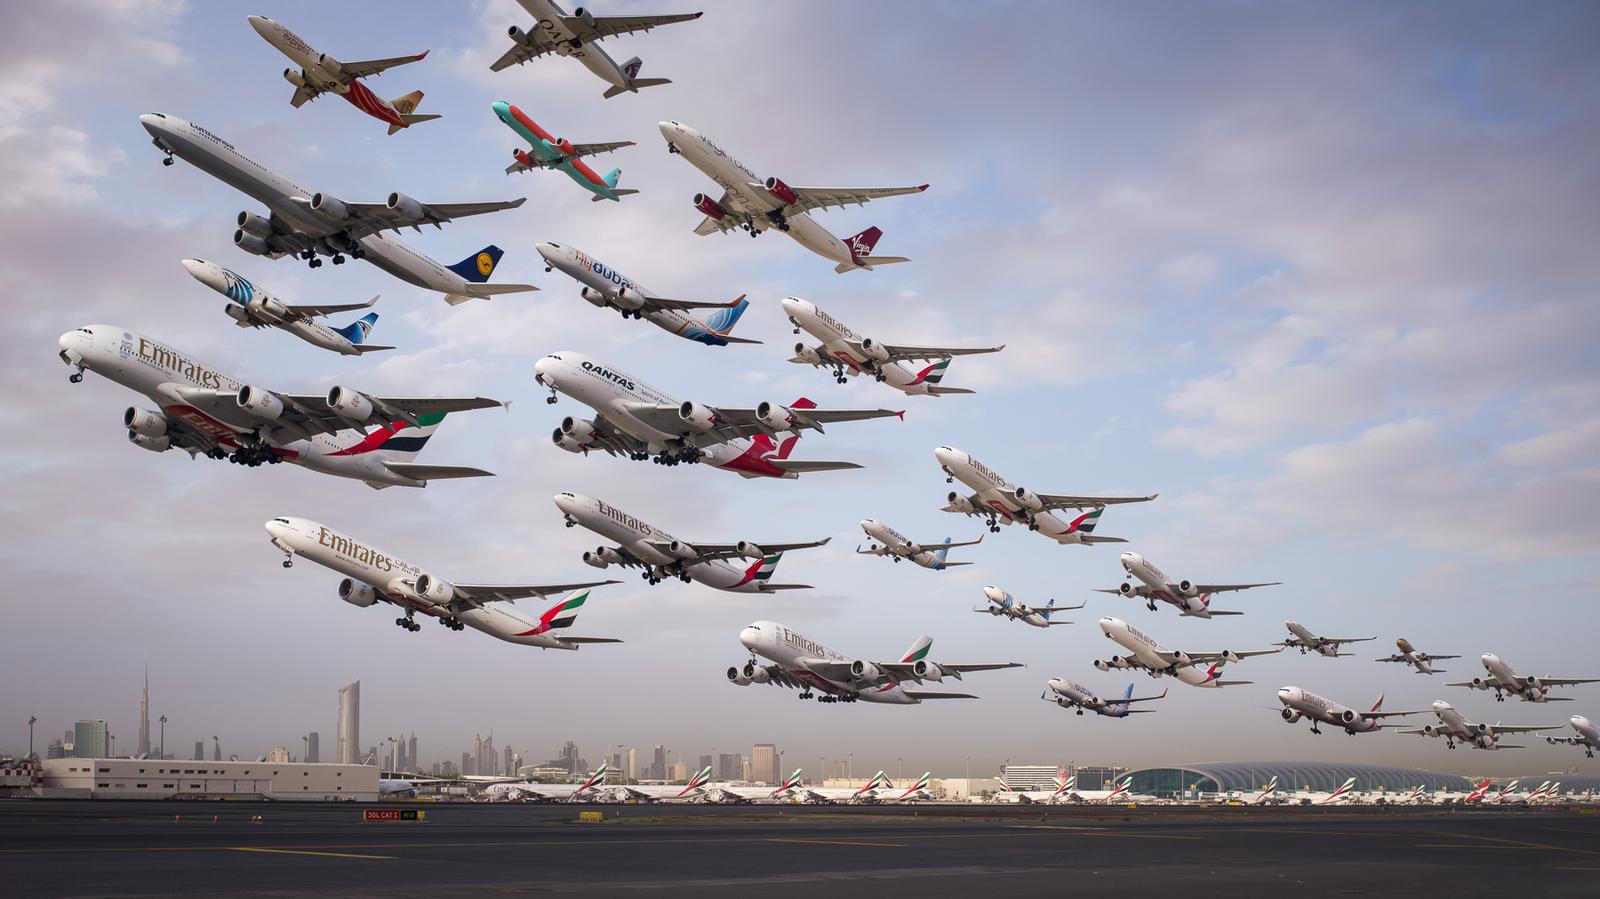 Покупка воздушного транспорта — это просто